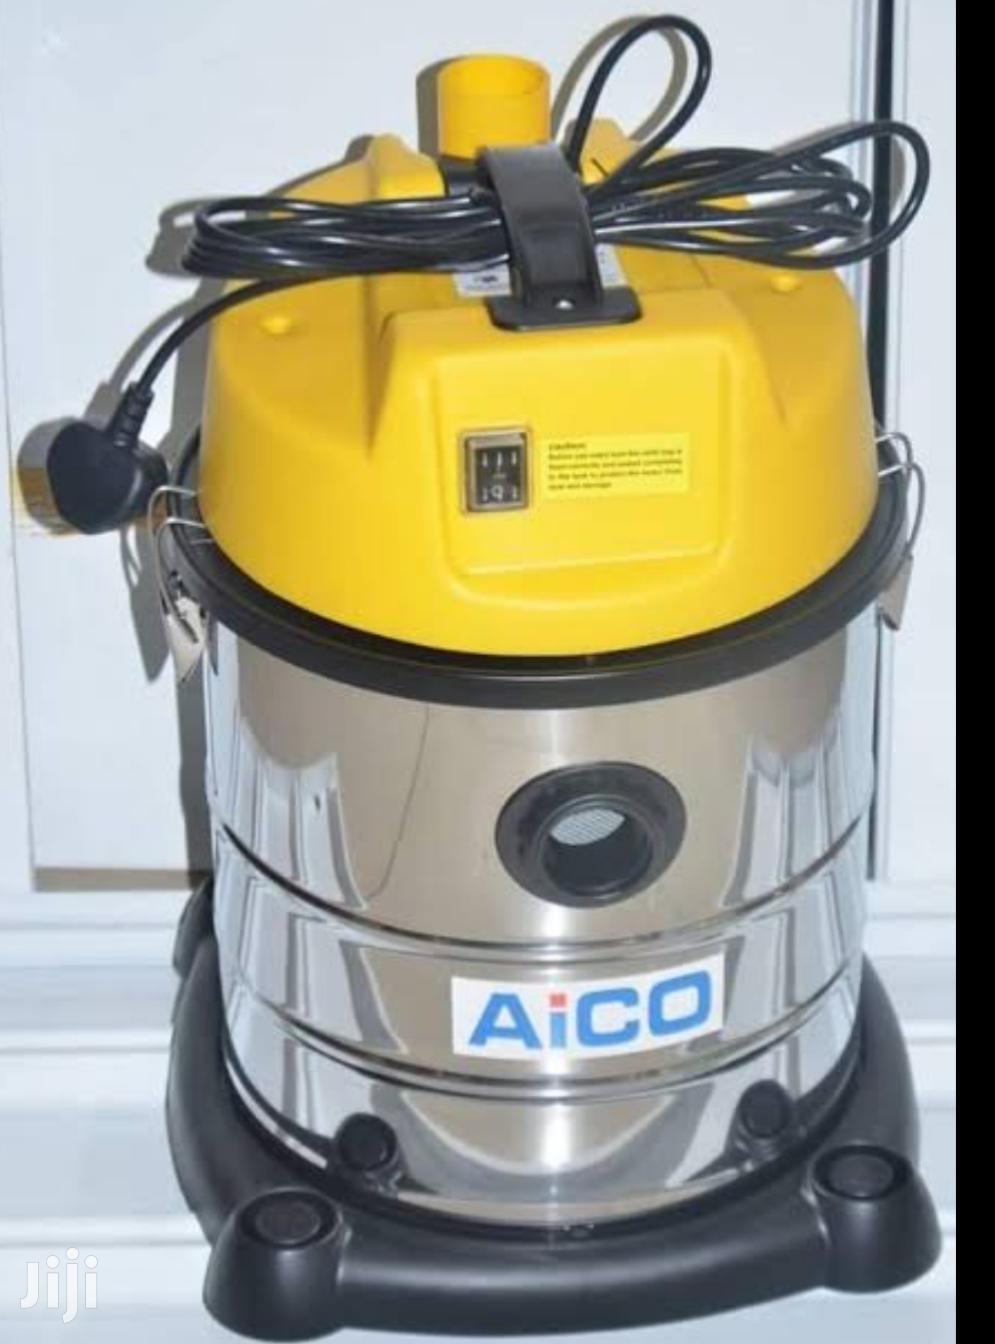 Aico Vacuum Cleaner